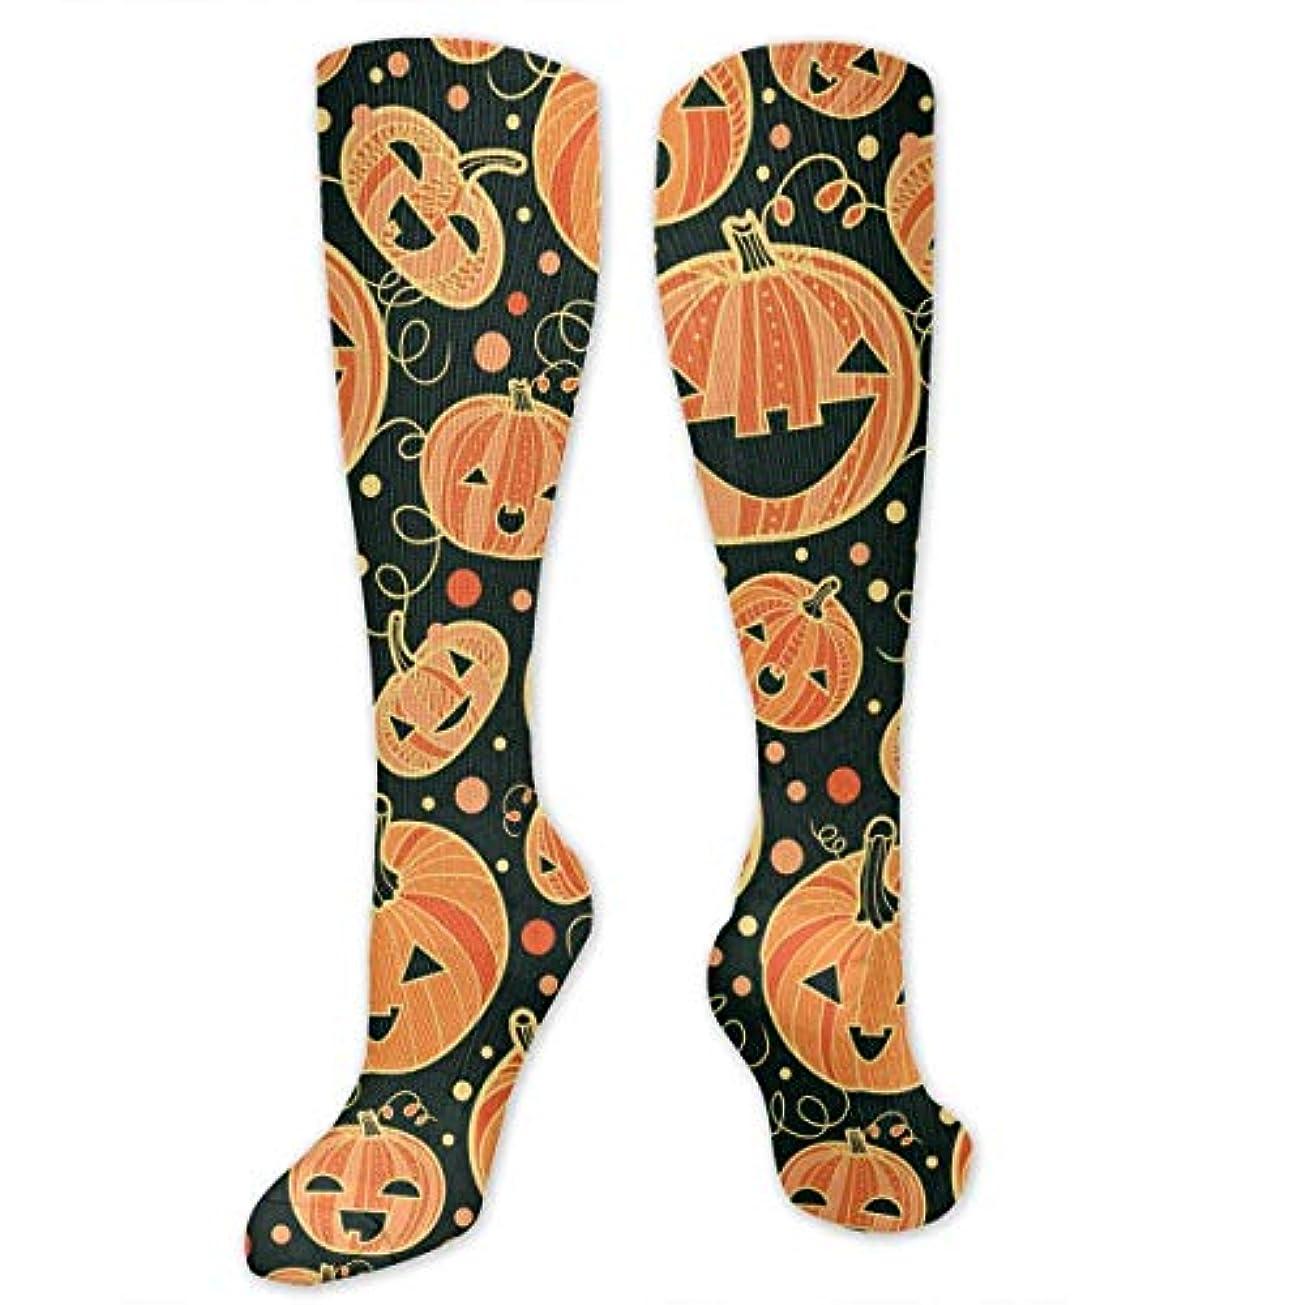 冗談で普通のレイプ3 D抗菌アスファルト靴下圧縮靴下クルーソックスロングスポーツ膝ハイソックス少年少女キッズ幼児用